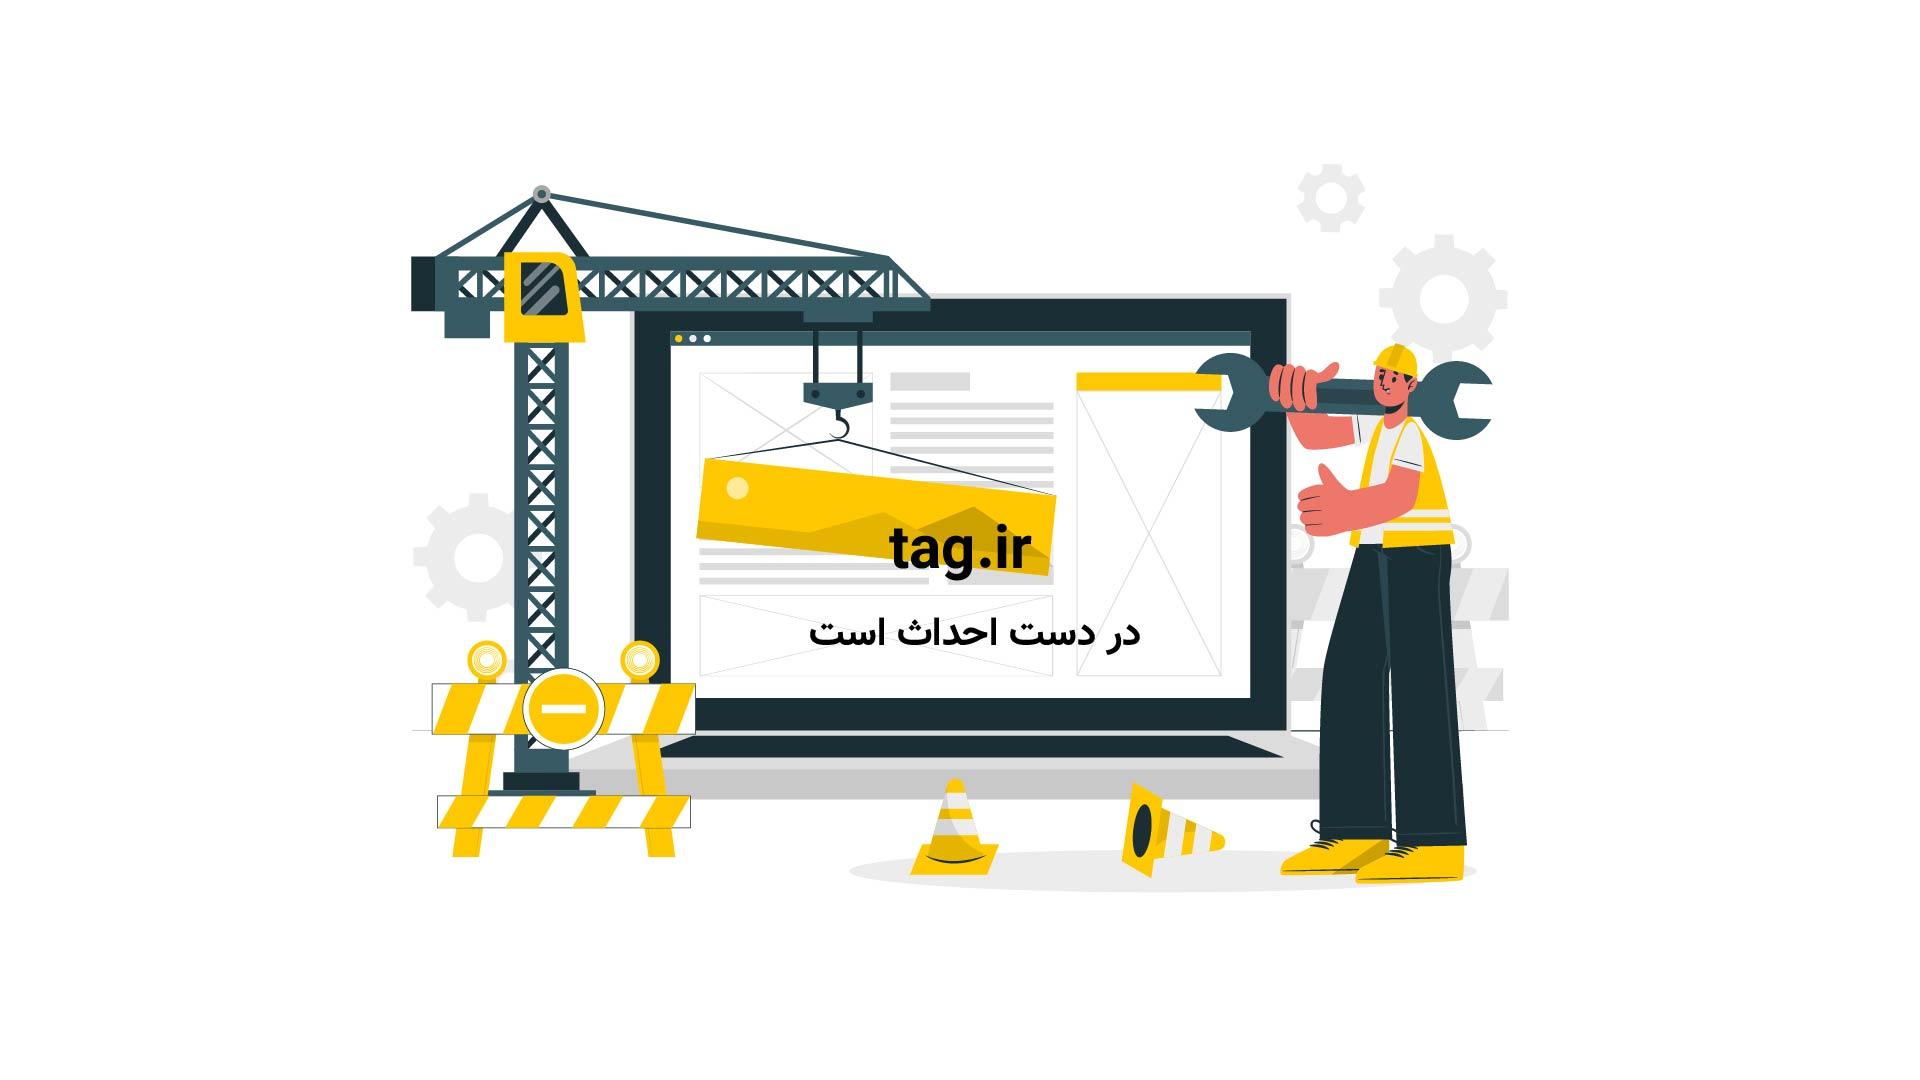 استاندار اصفهان: تا روز جمعه امکان ادامه عملیات انتقال جانباختگان وجود ندارد | فیلم